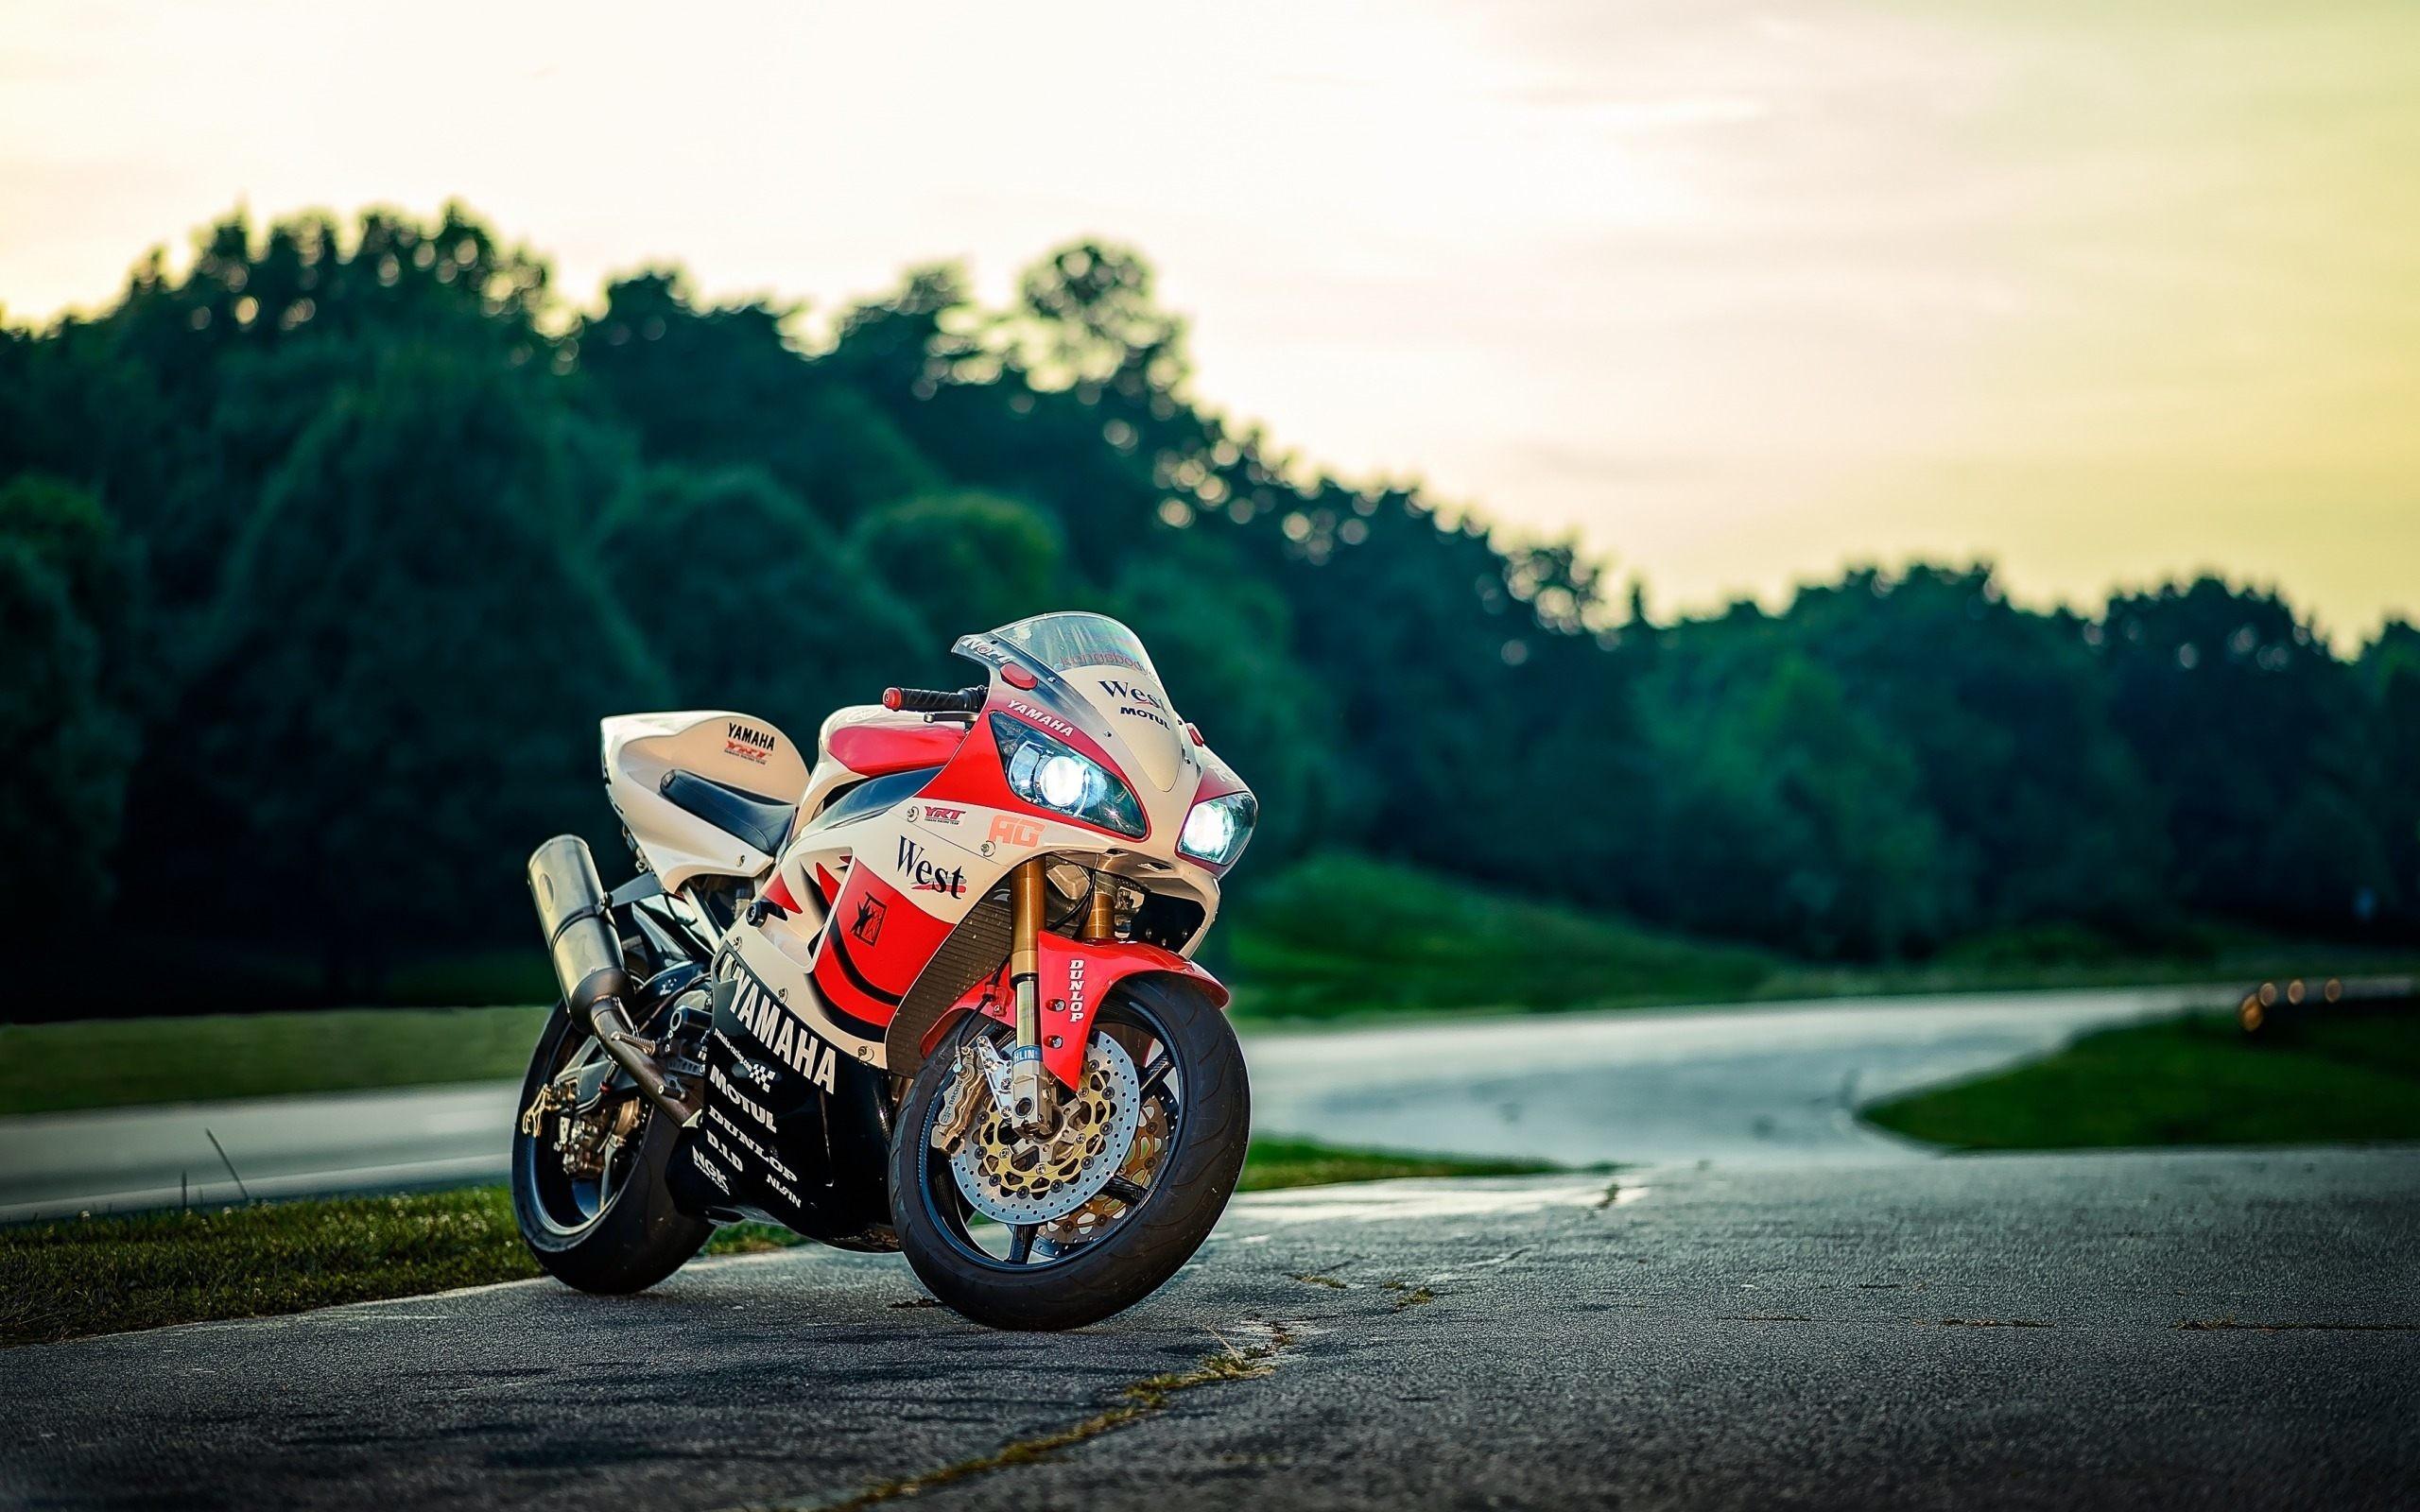 Res: 2560x1600, Biker On Road Wallpaper Full Hd